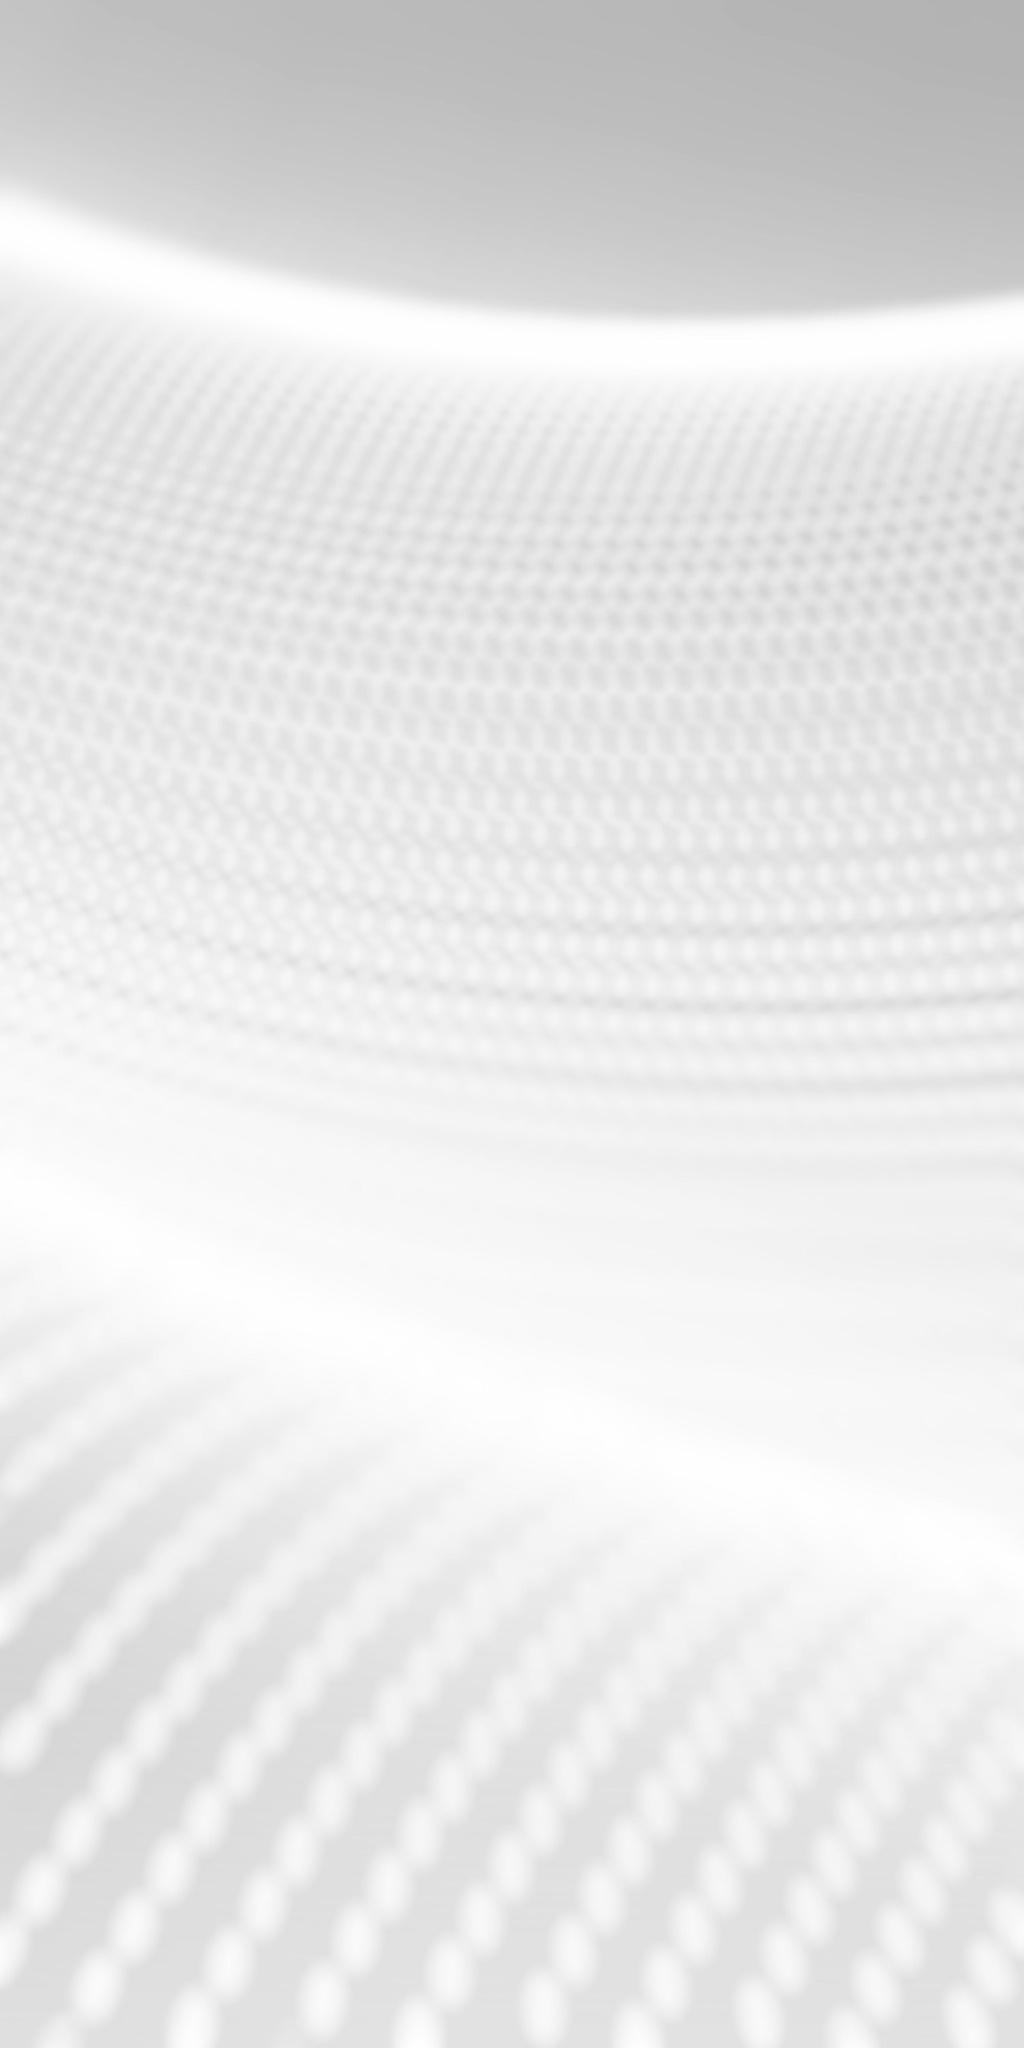 allgemeiner hintergrund neutral w1024xh2048 cutout